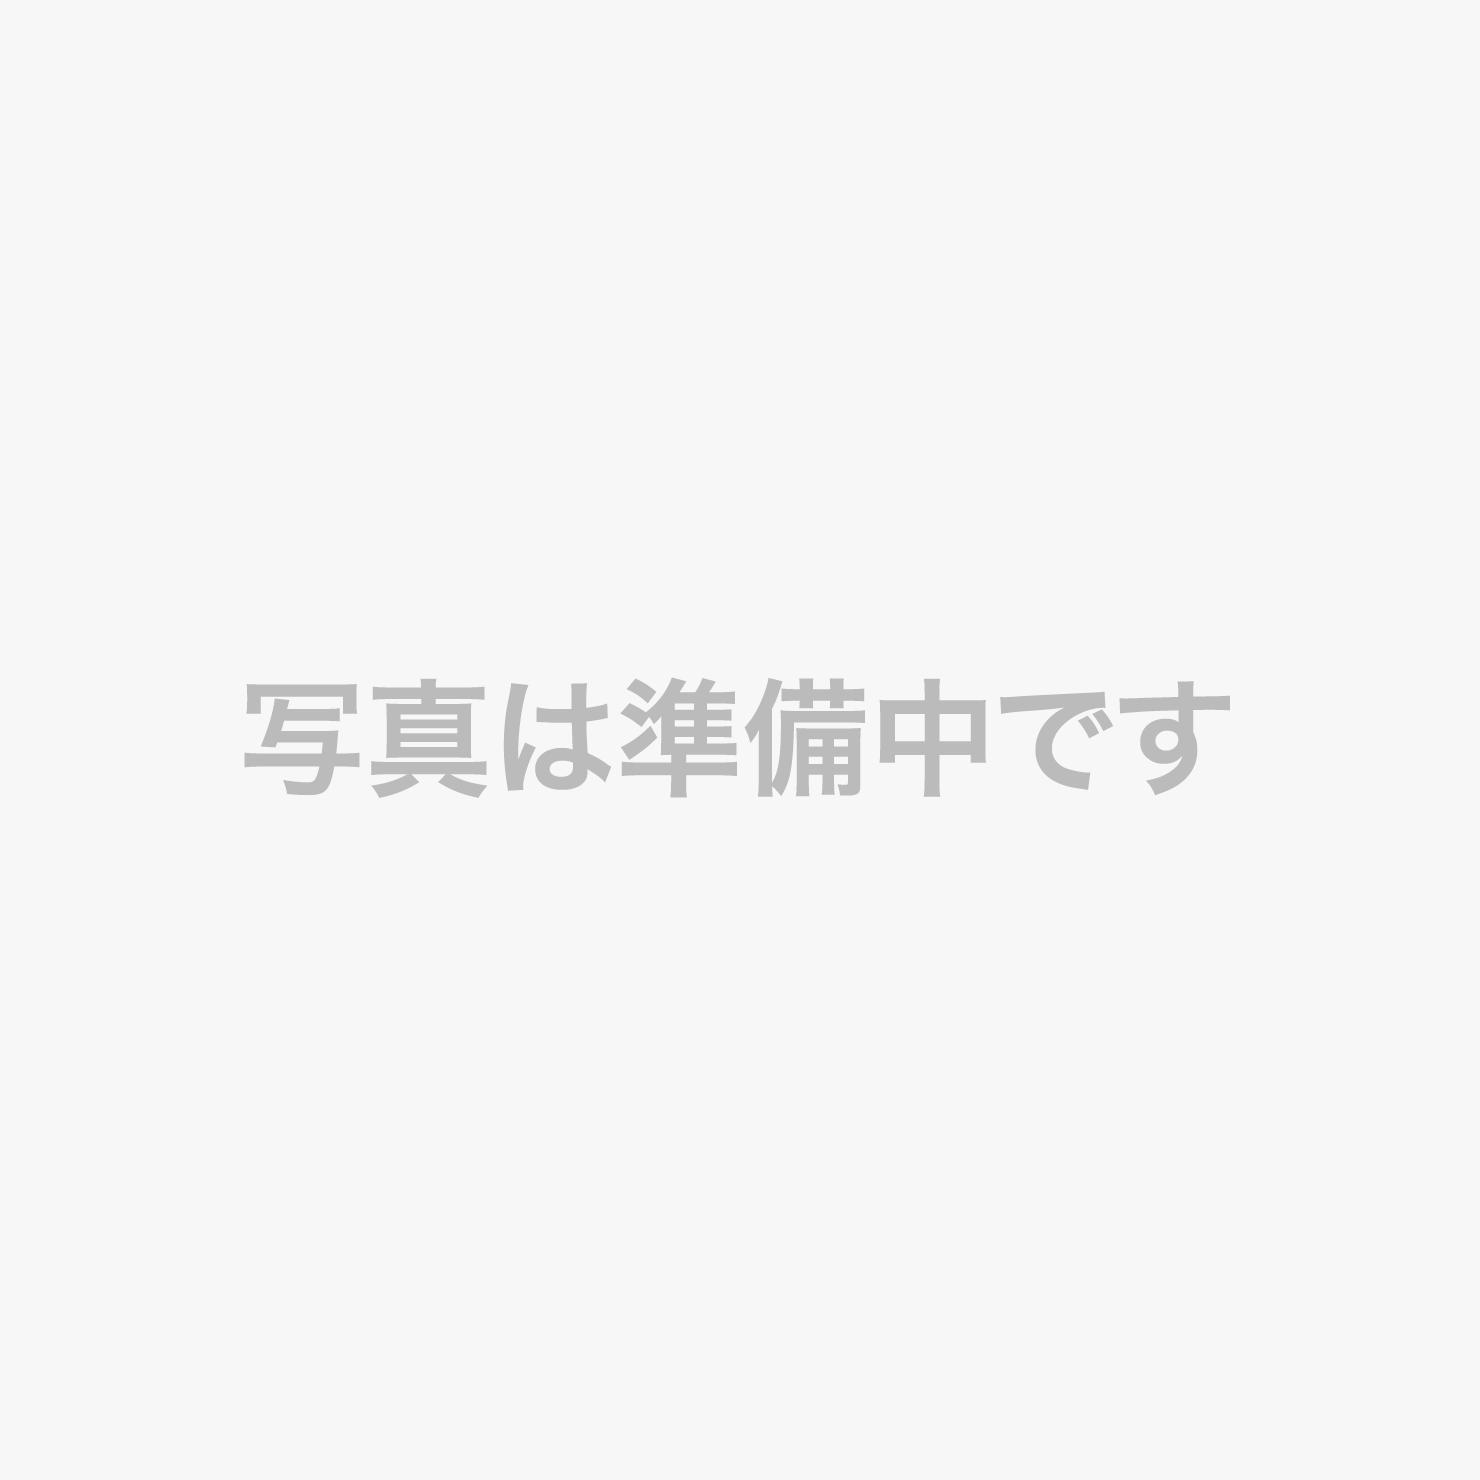 【ベッド&ナイトウェア】イメージ